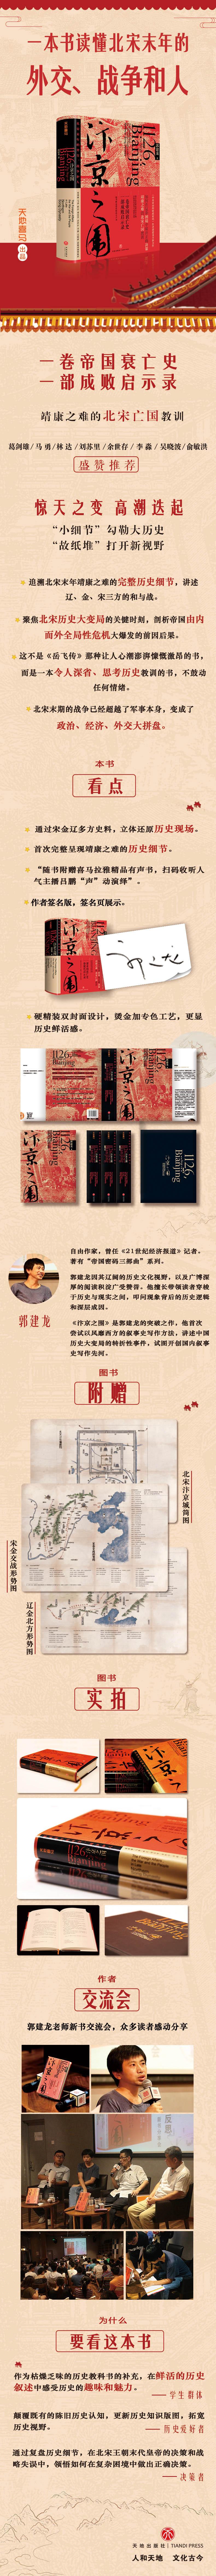 汴京之圍插圖.jpg